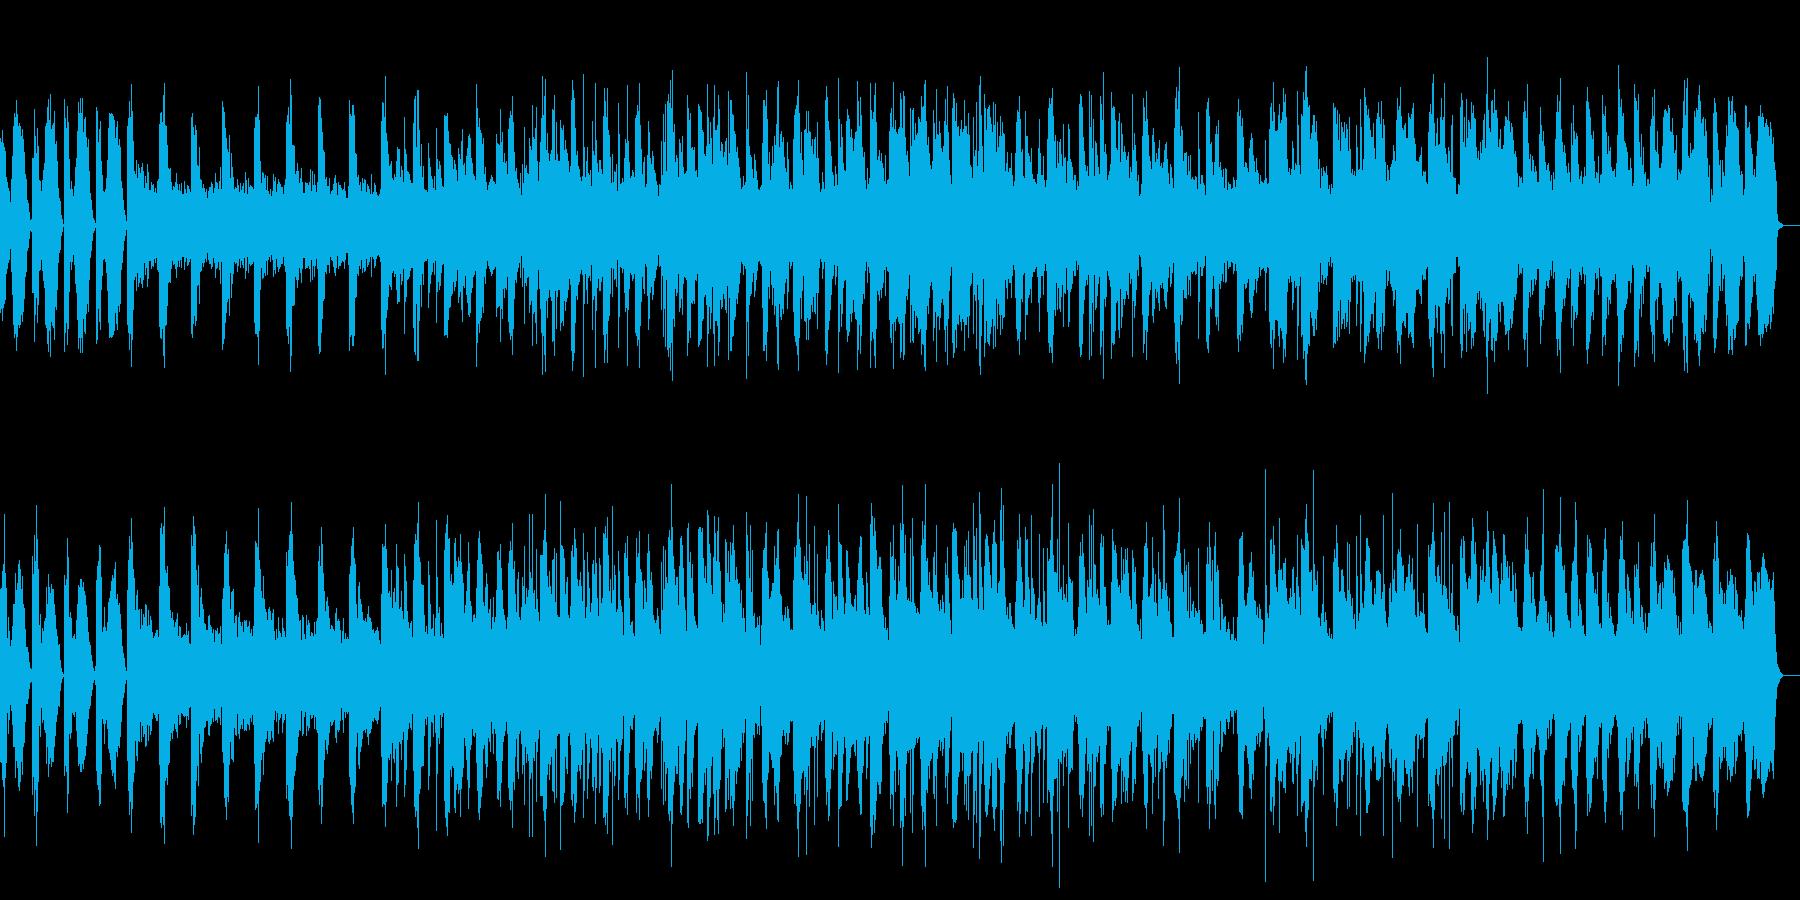 ピアノと波の音のヒーリングの再生済みの波形